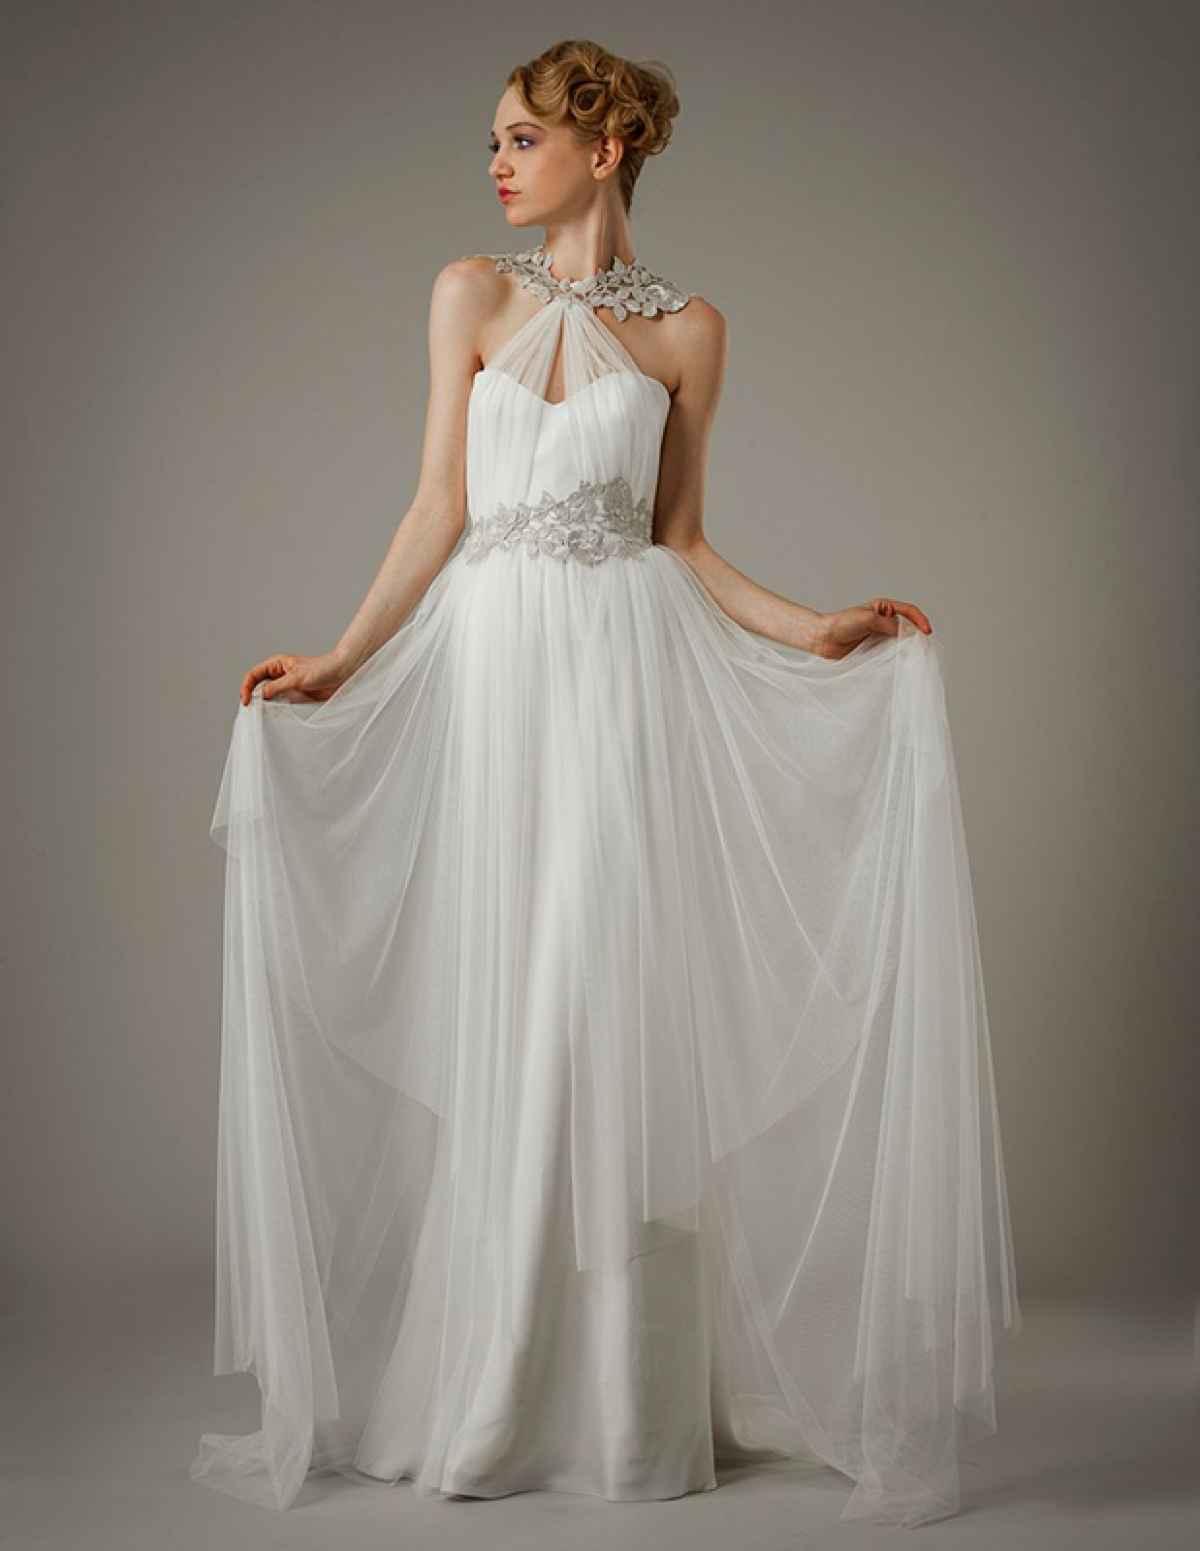 56be5ac5a0c Свадебное платье в греческом стиле с перекрещивающимися бретелями